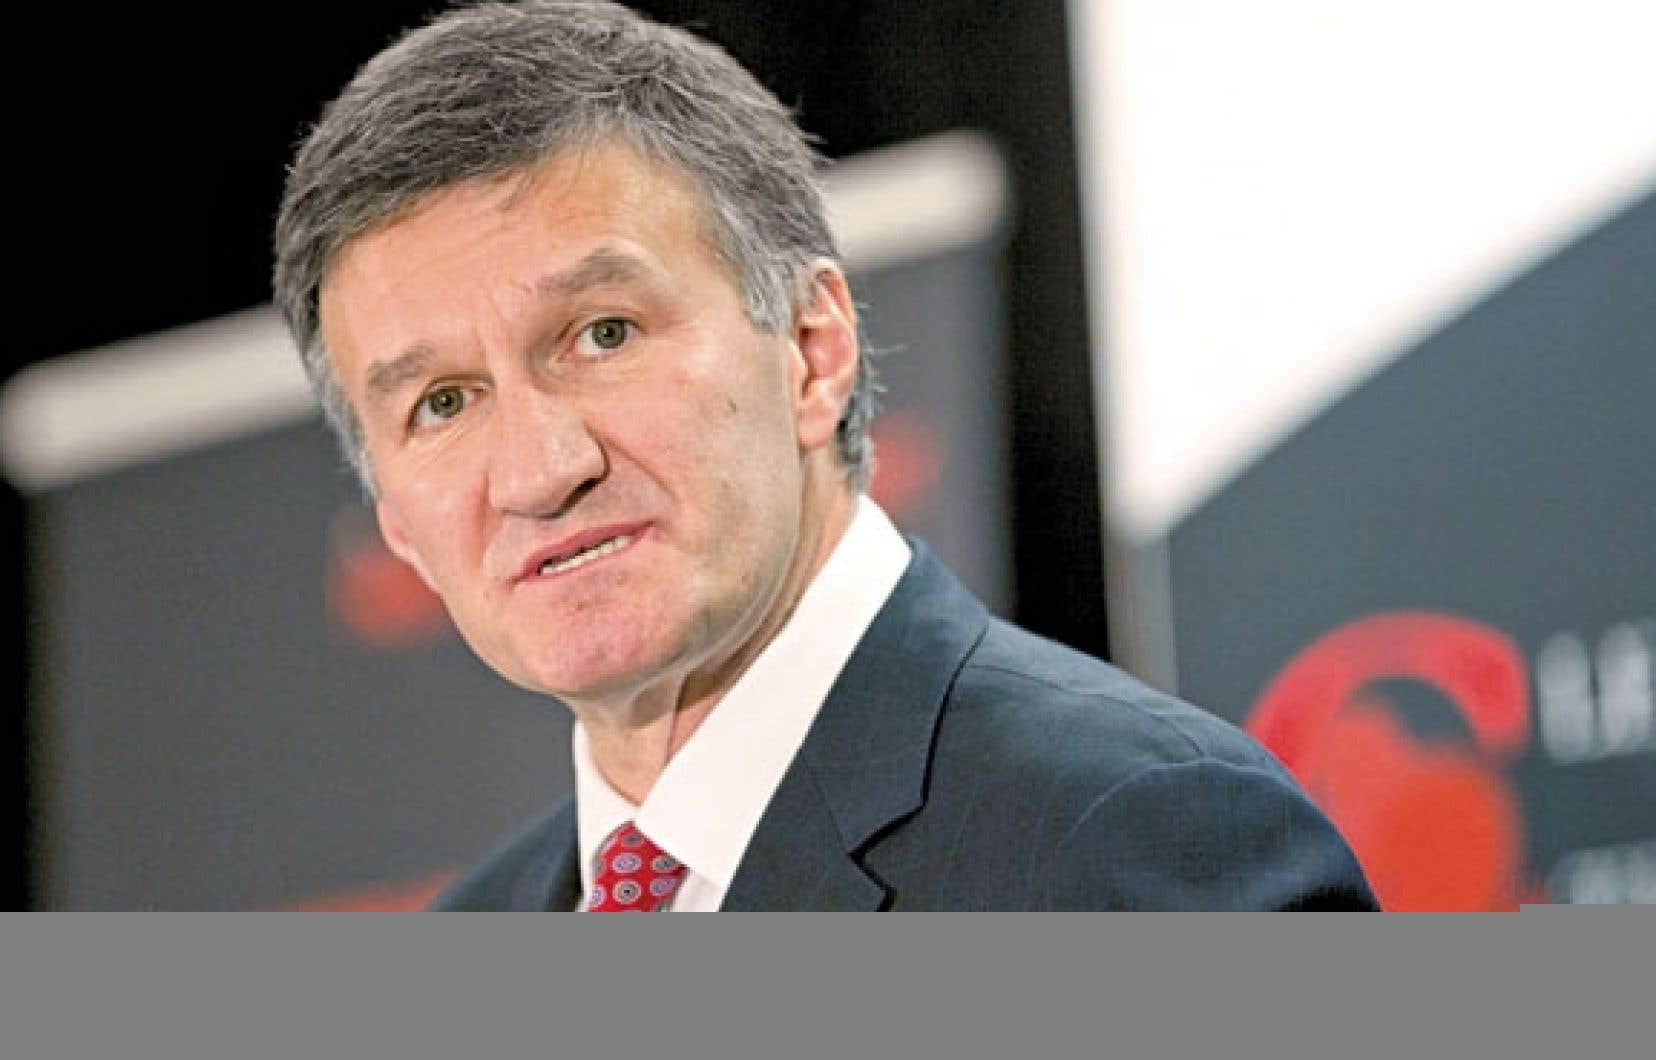 Al Monaco, président et chef de la direction d'Enbridge